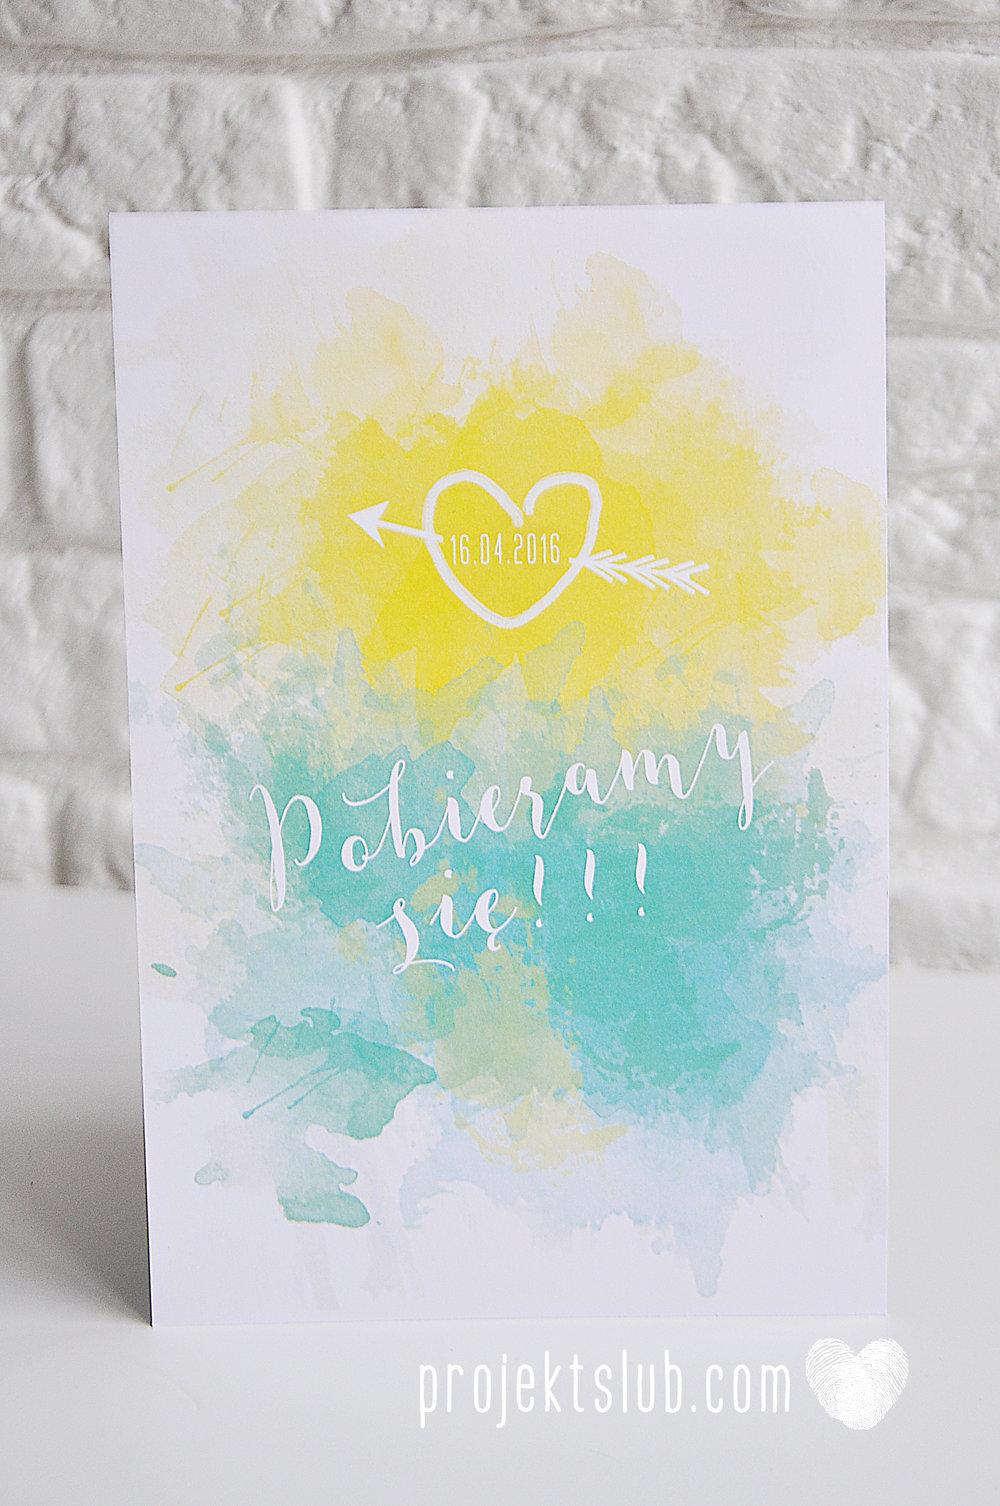 Zaproszenia Ślubne Boho Rustic Eko Oryginalne Wyjątkowe Rustykalne Sznurek Akwarelowe Cytryna Turkus Ombre Projekt Ślub (8).jpg